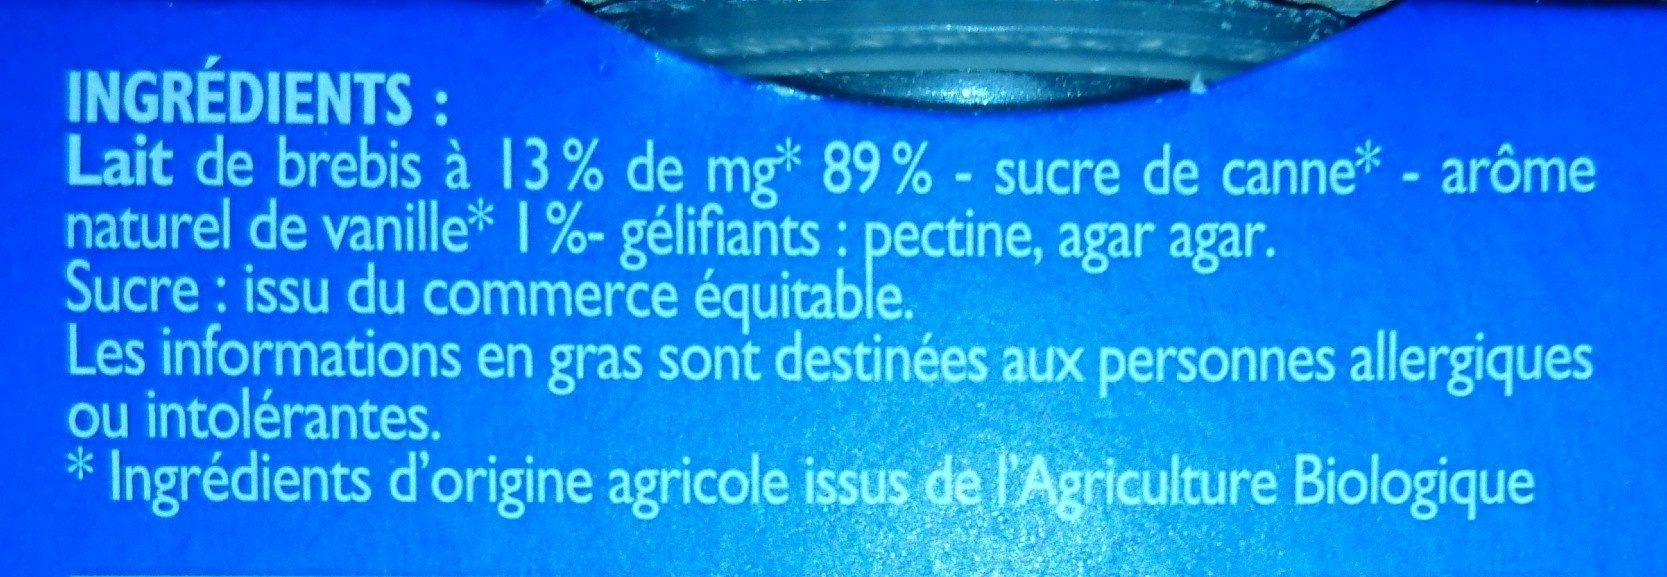 Panna cotta brebis bio - Ingredients - fr